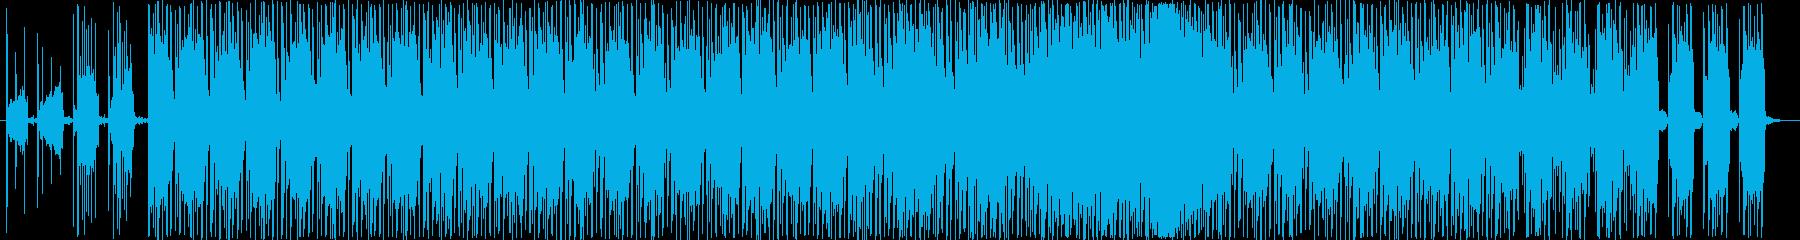 浮遊感のあるエレクトロサウンドの再生済みの波形